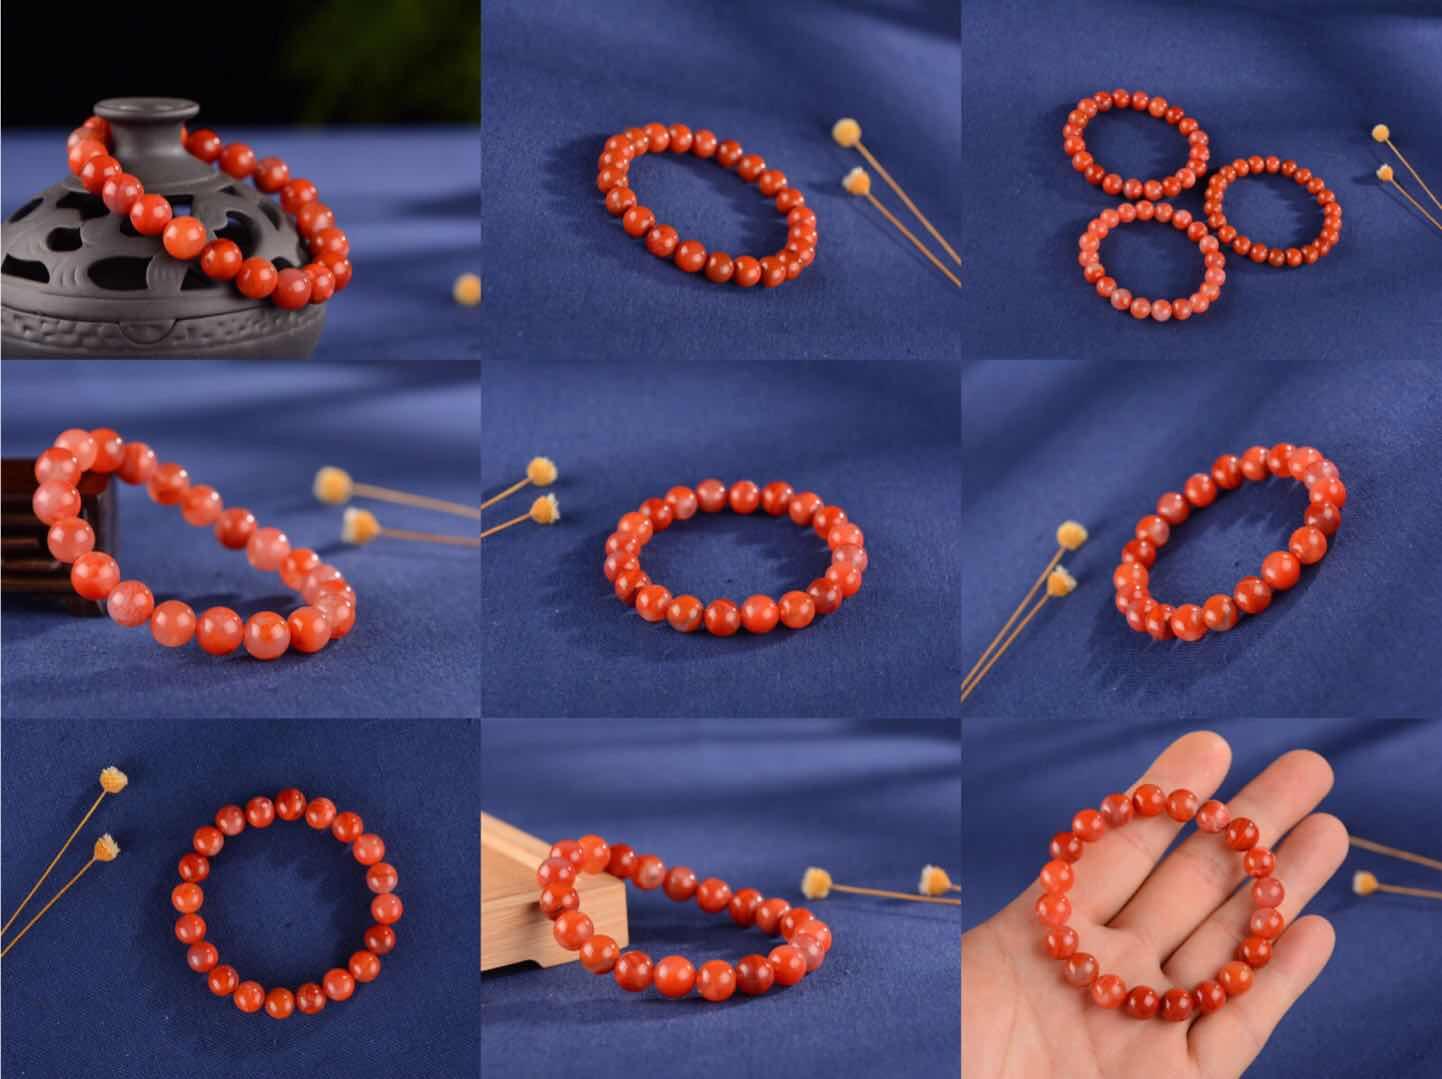 【Чи Юнь Джейд】Естественный юг Liangshan красный Агатовый браслет мужские и женские стиль Браслеты один Круглые плавающие бусы